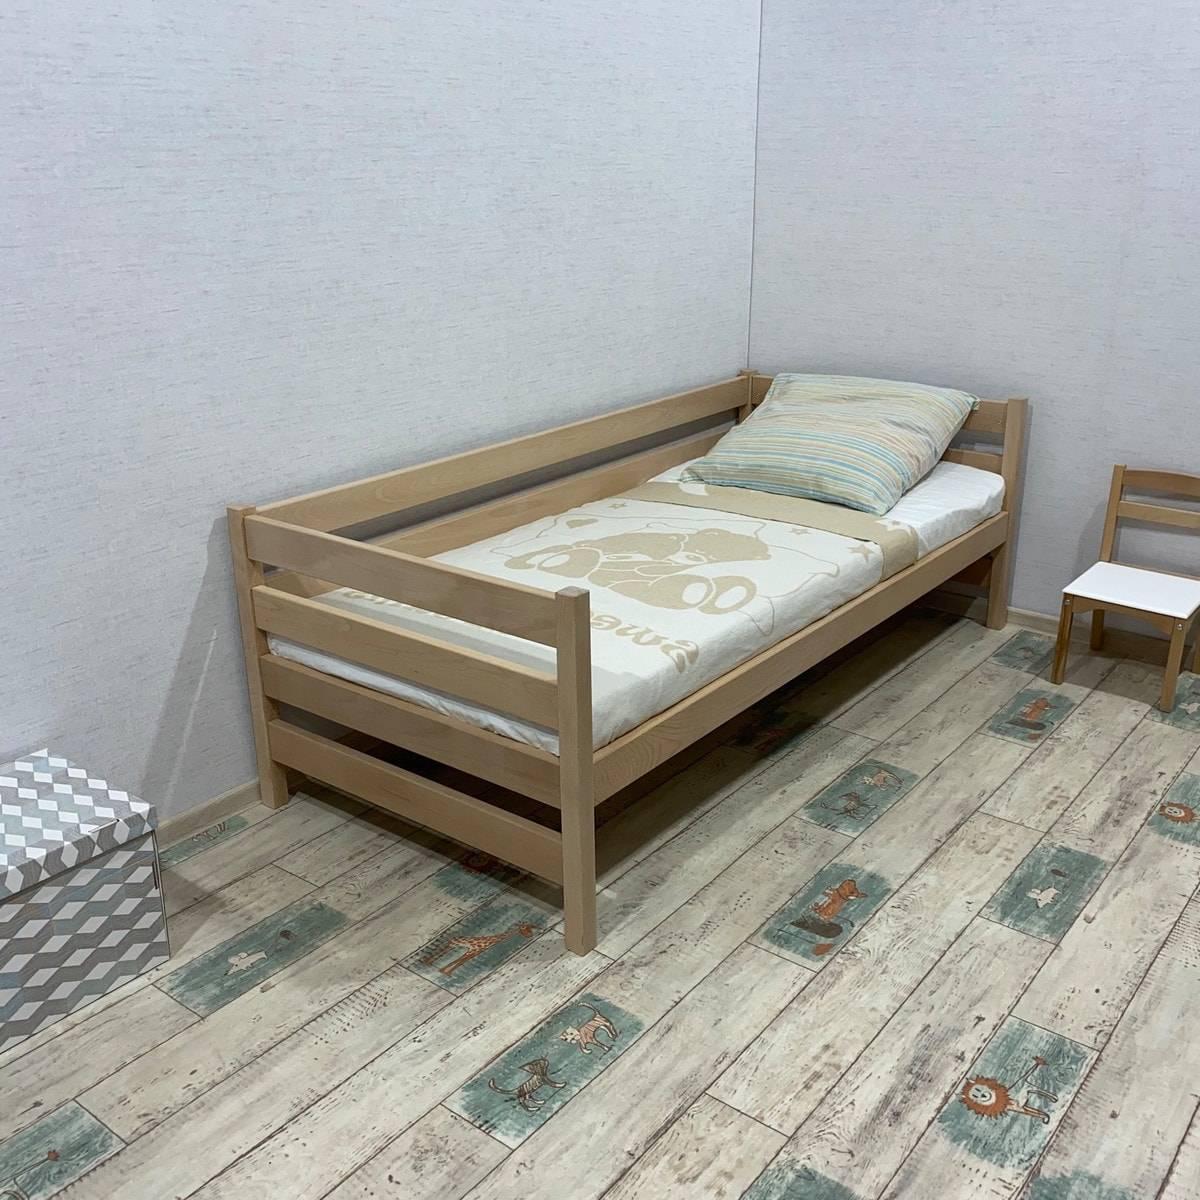 Детская кровать своими руками простой «базовой» конструкции